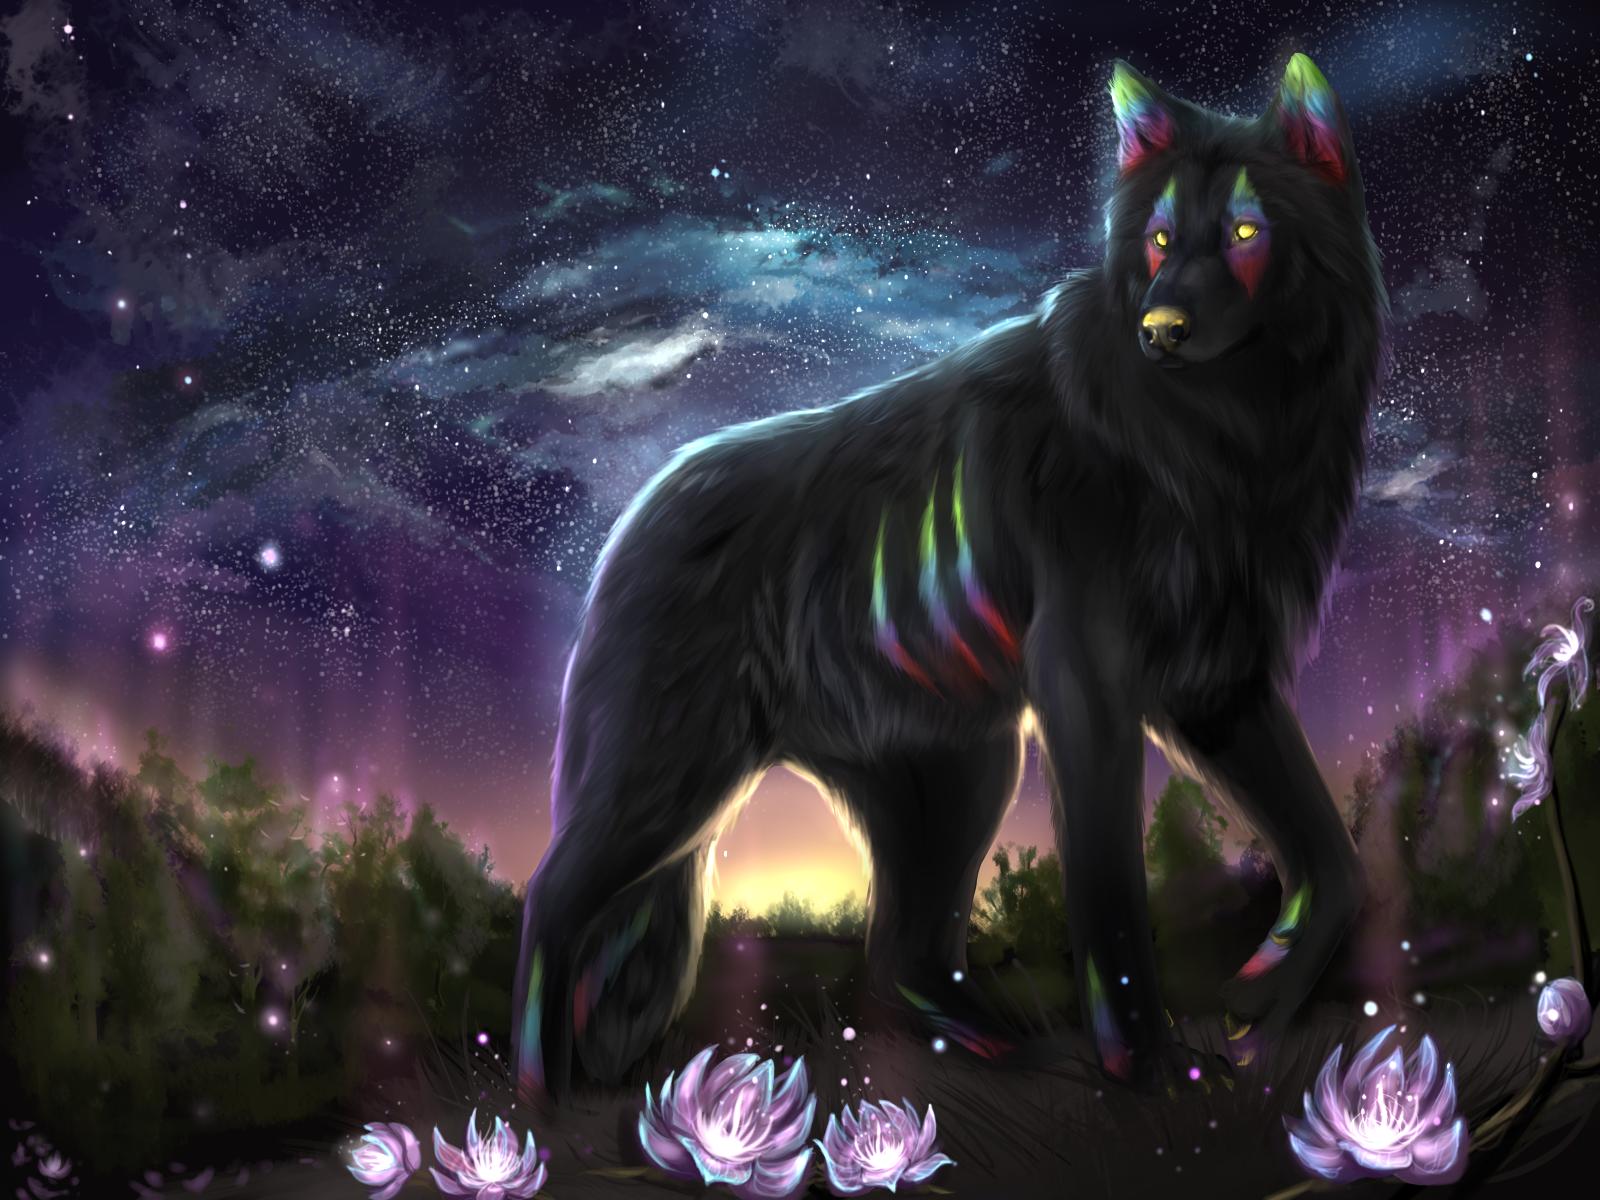 Фото Фантастический волк стоит среди цветов на фоне звездного неба, by Muns11